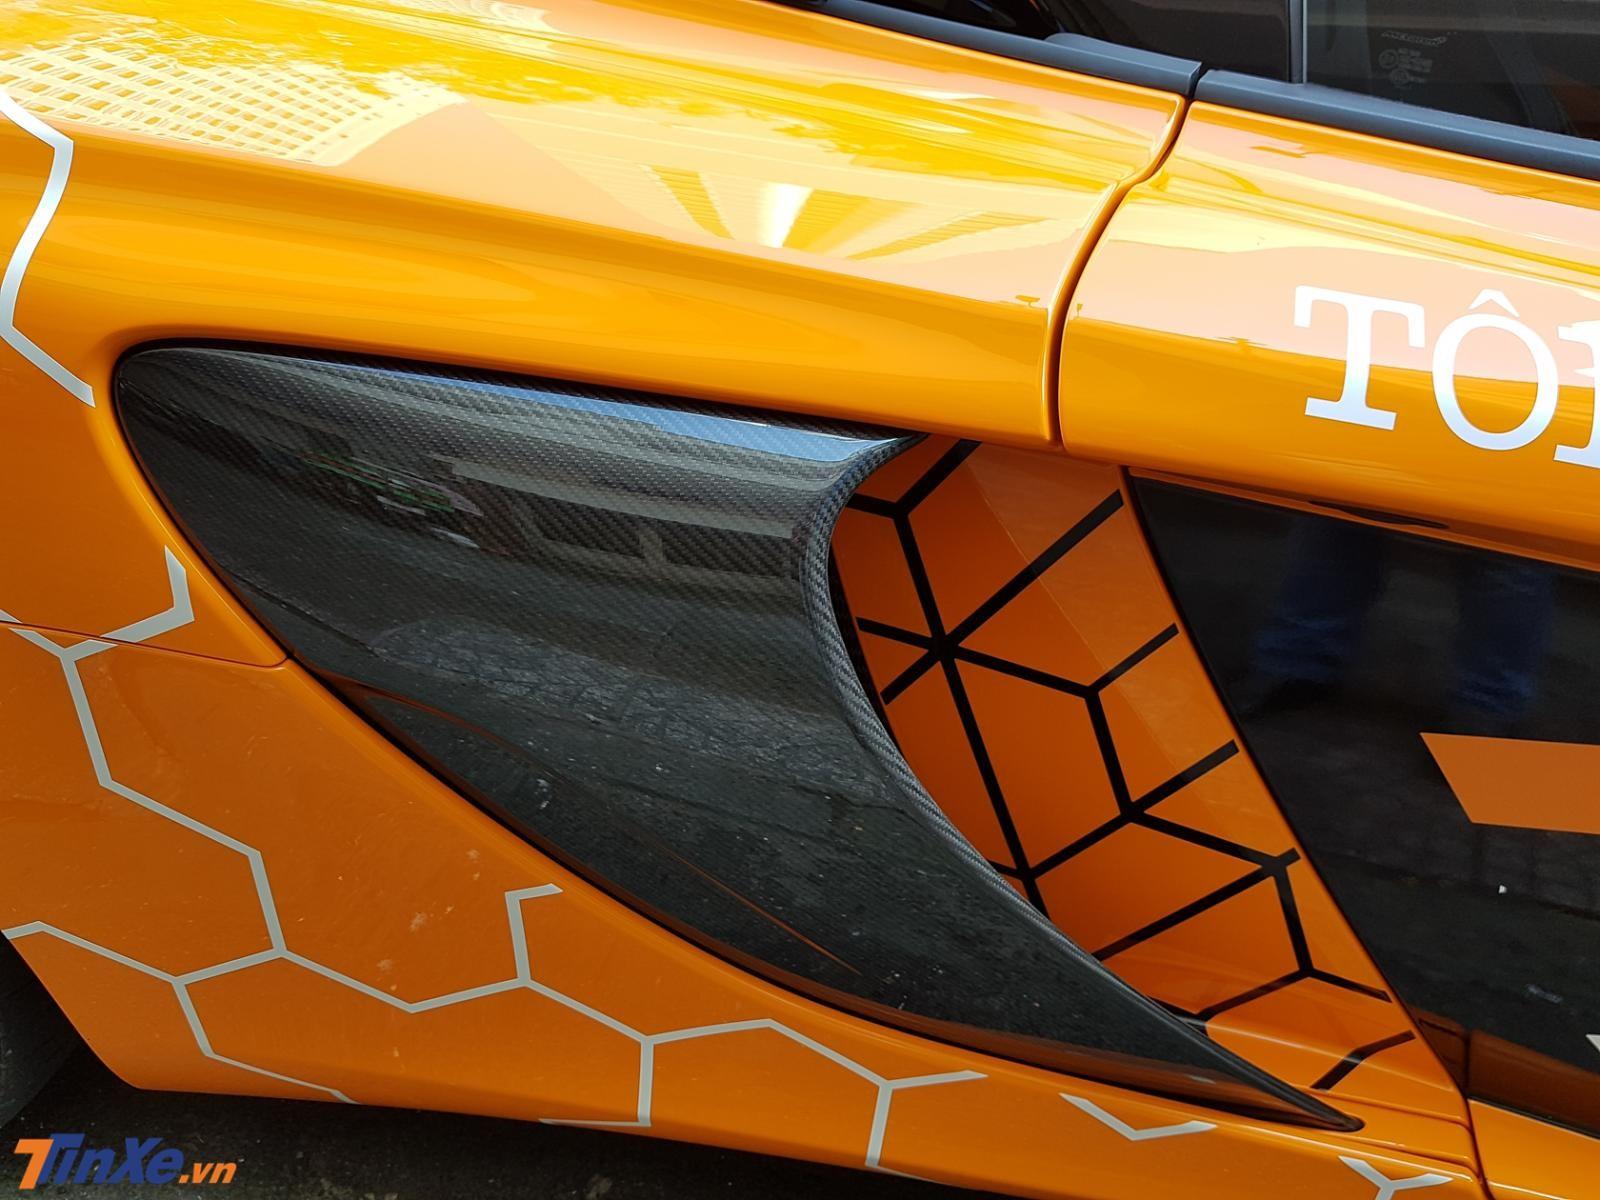 siêu xe McLaren 650S Spider này còn có nhiều chi tiết bằng sợi carbon bóng làm điểm nhấn